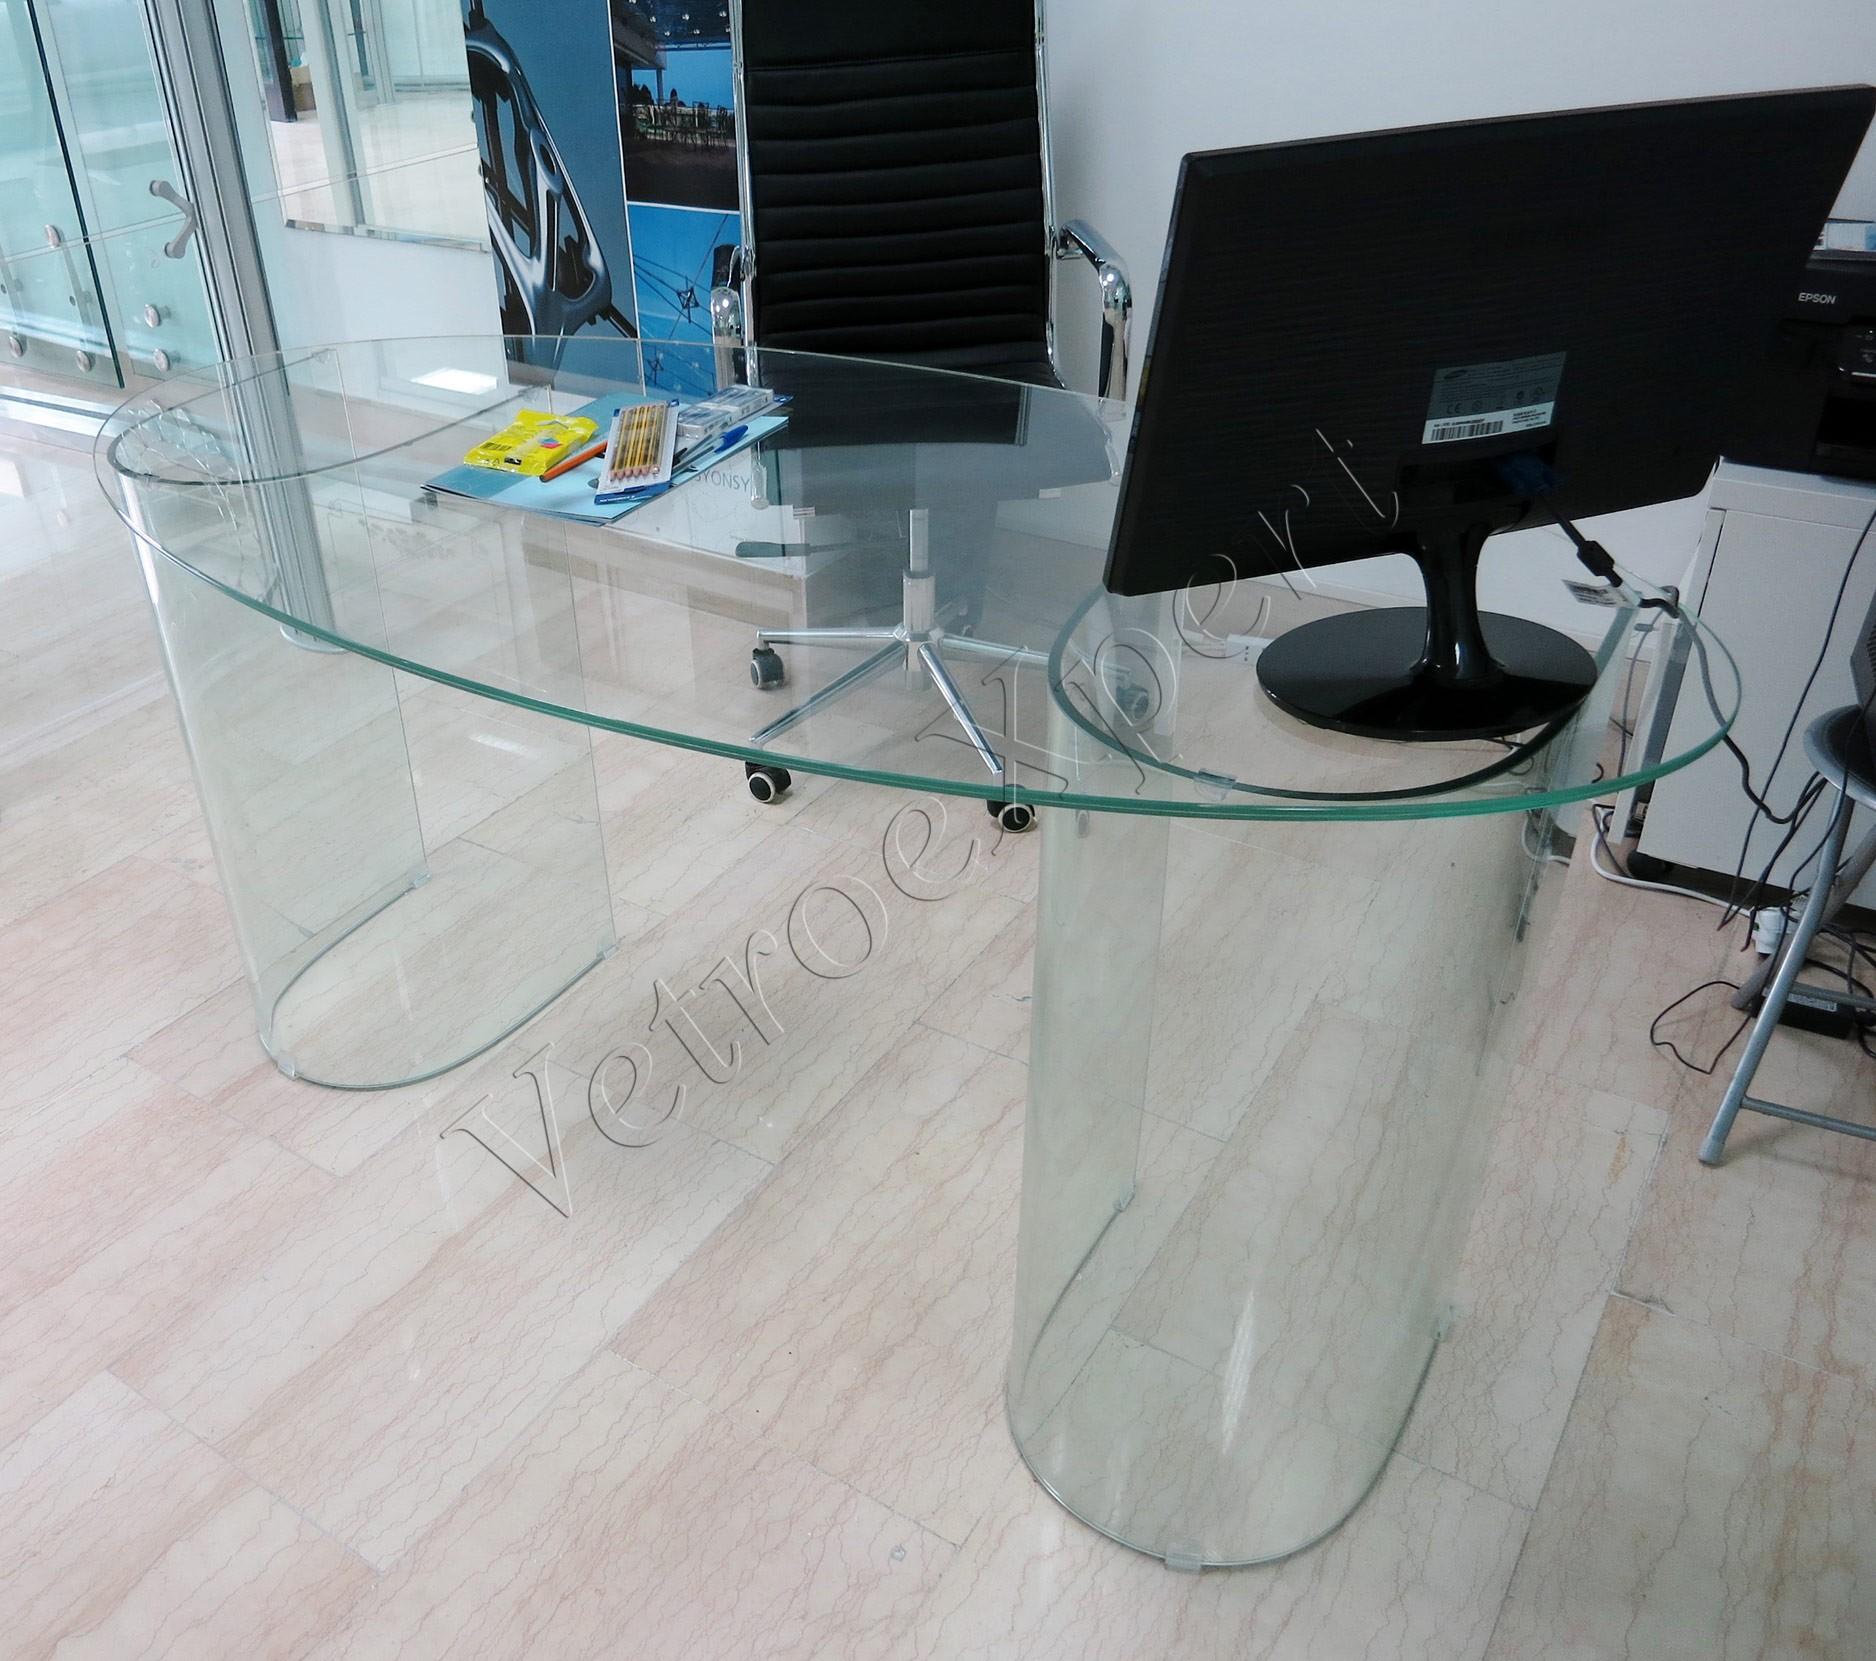 Piano Tavolo Vetro Su Misura.Arredo In Cristallo E Soluzioni Per Interni Vetroexpert Roma